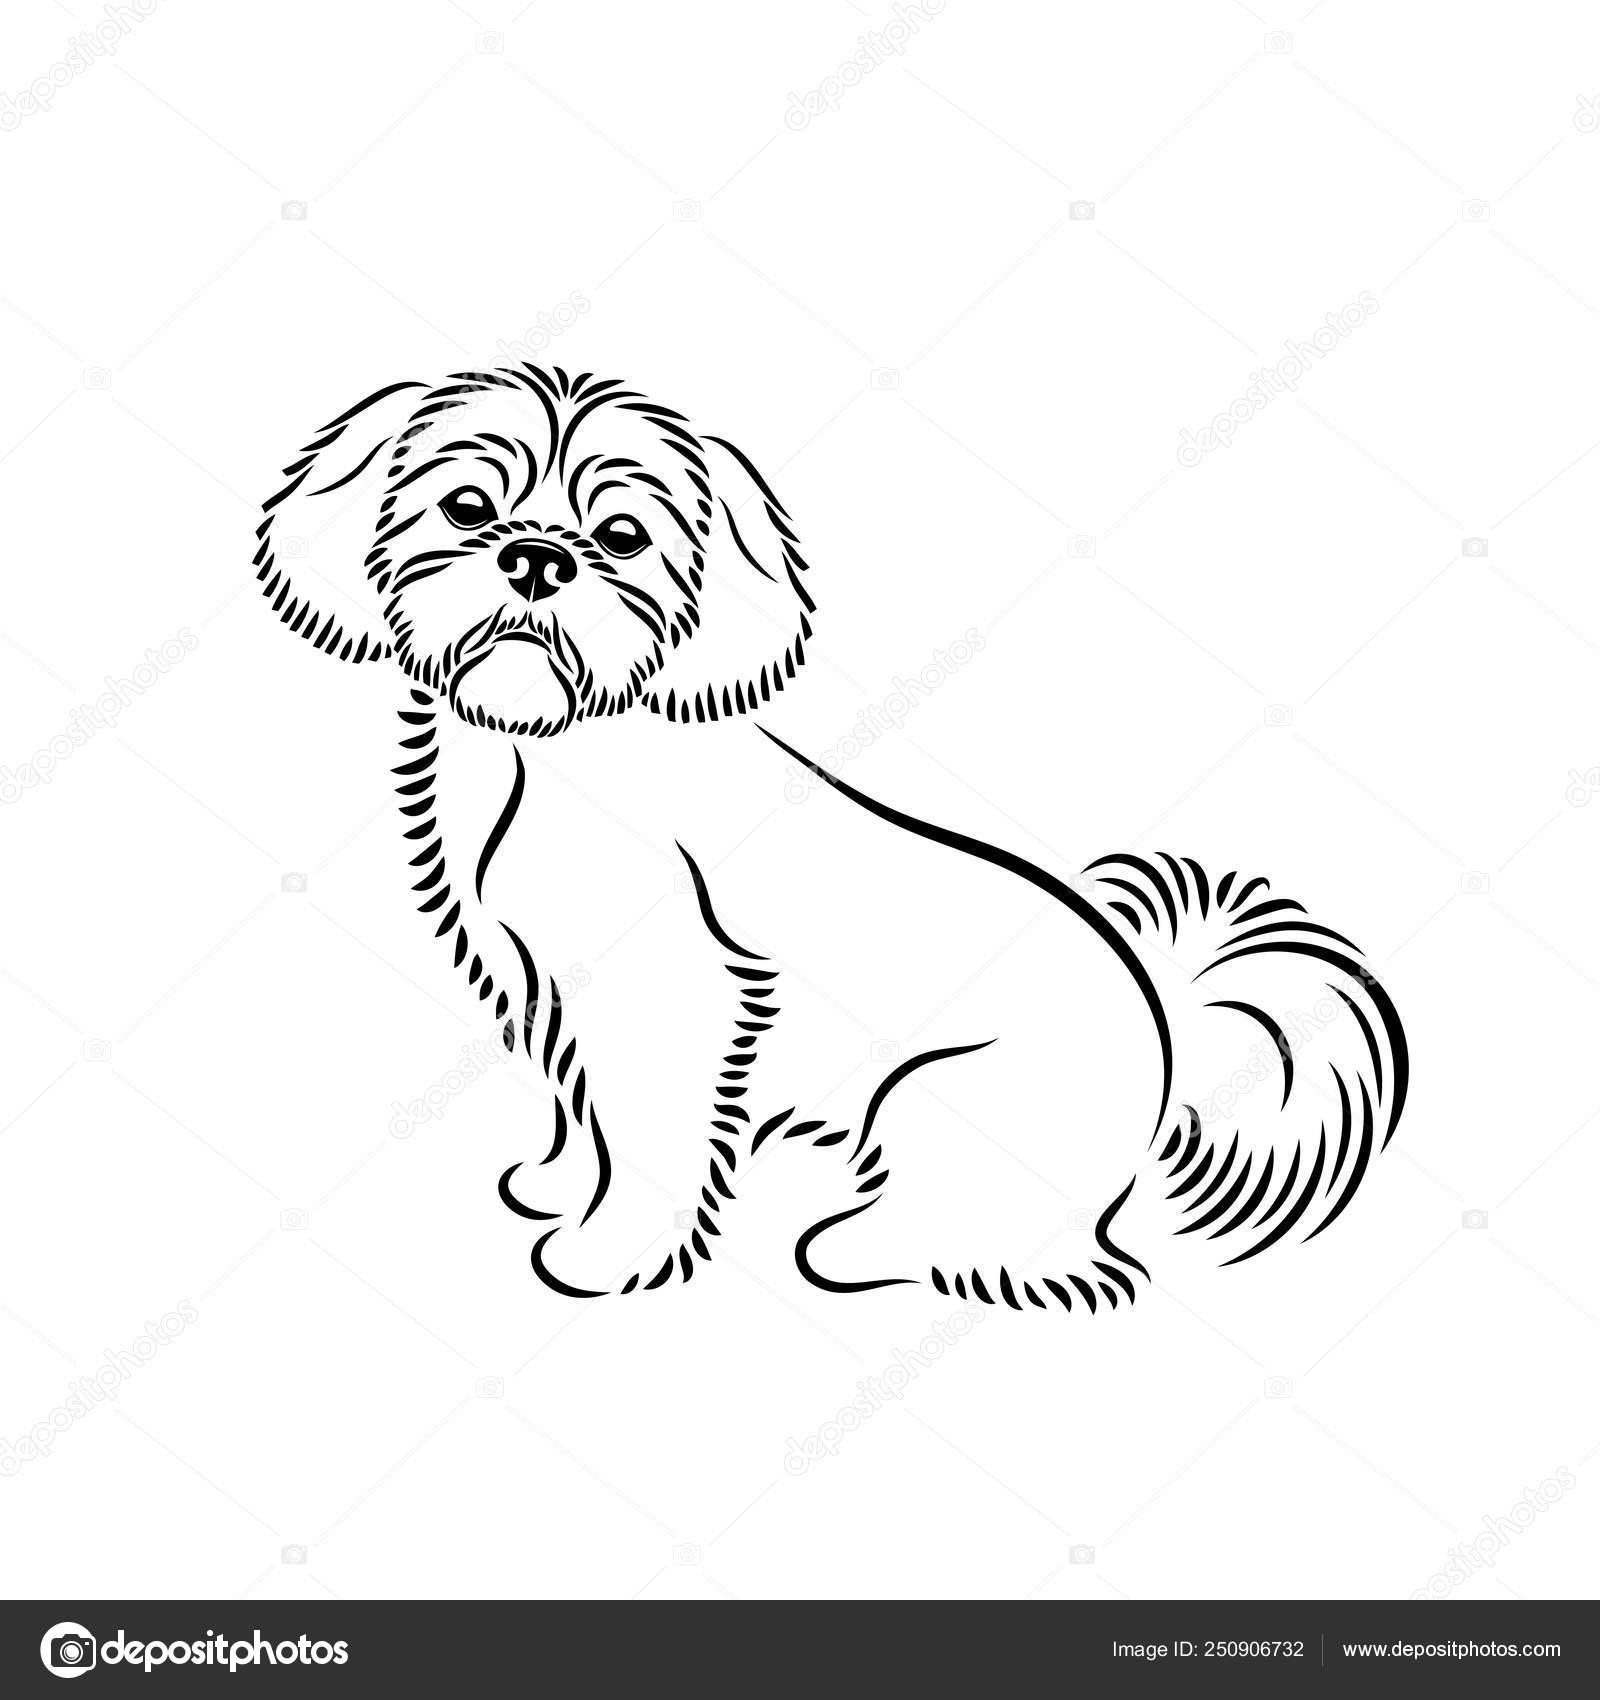 Illustration Adorable Shih Tzu Dog